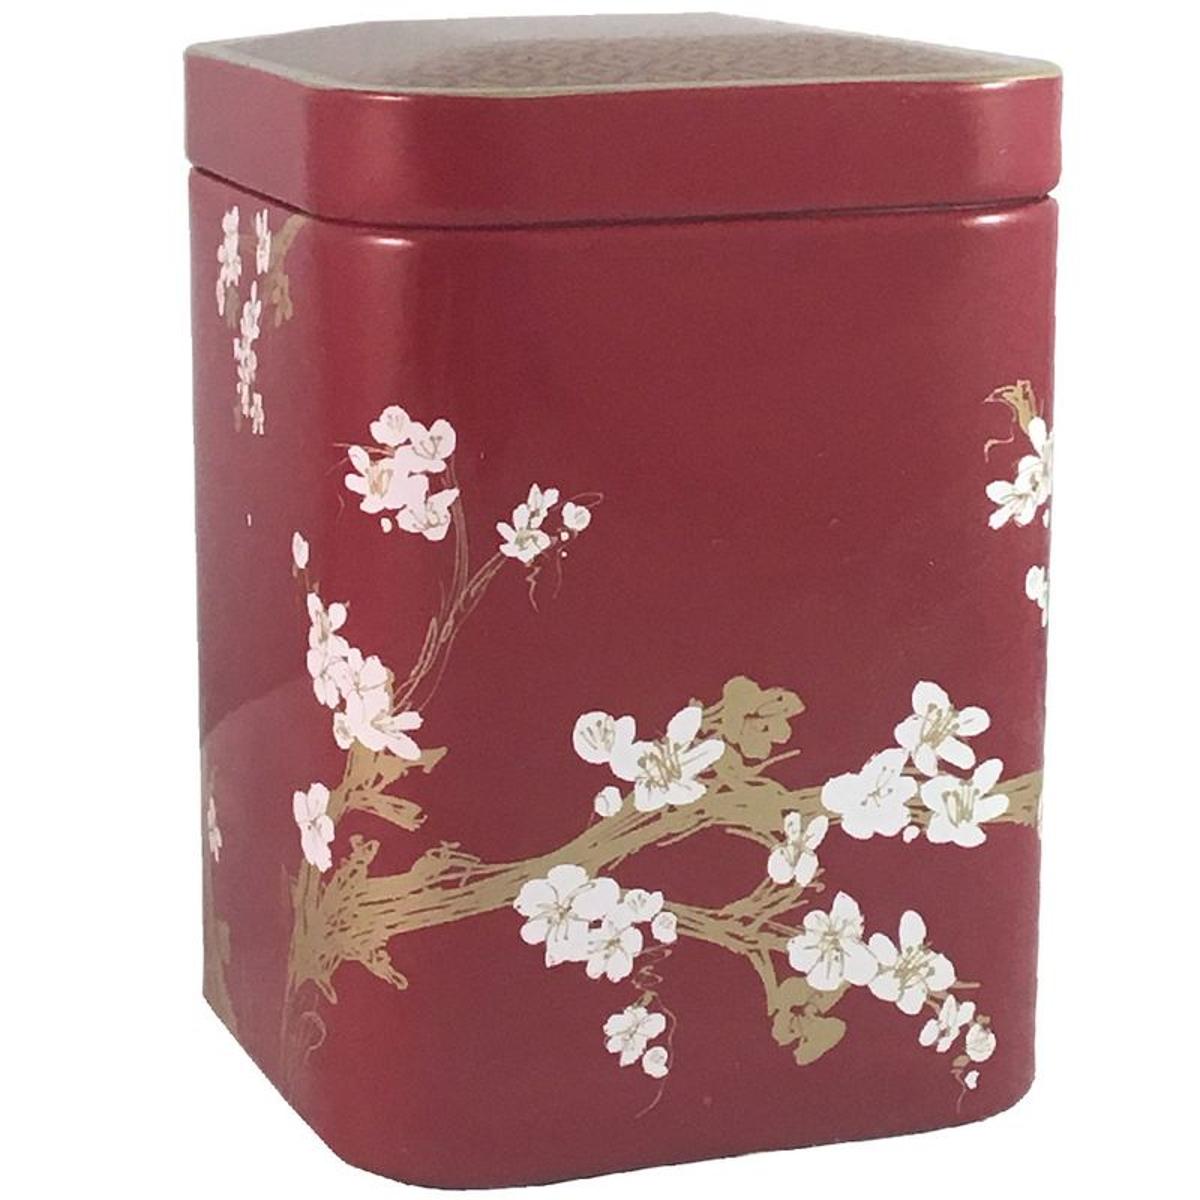 Petite boite Cerisier métallique pour le thé Contenance 50 gr